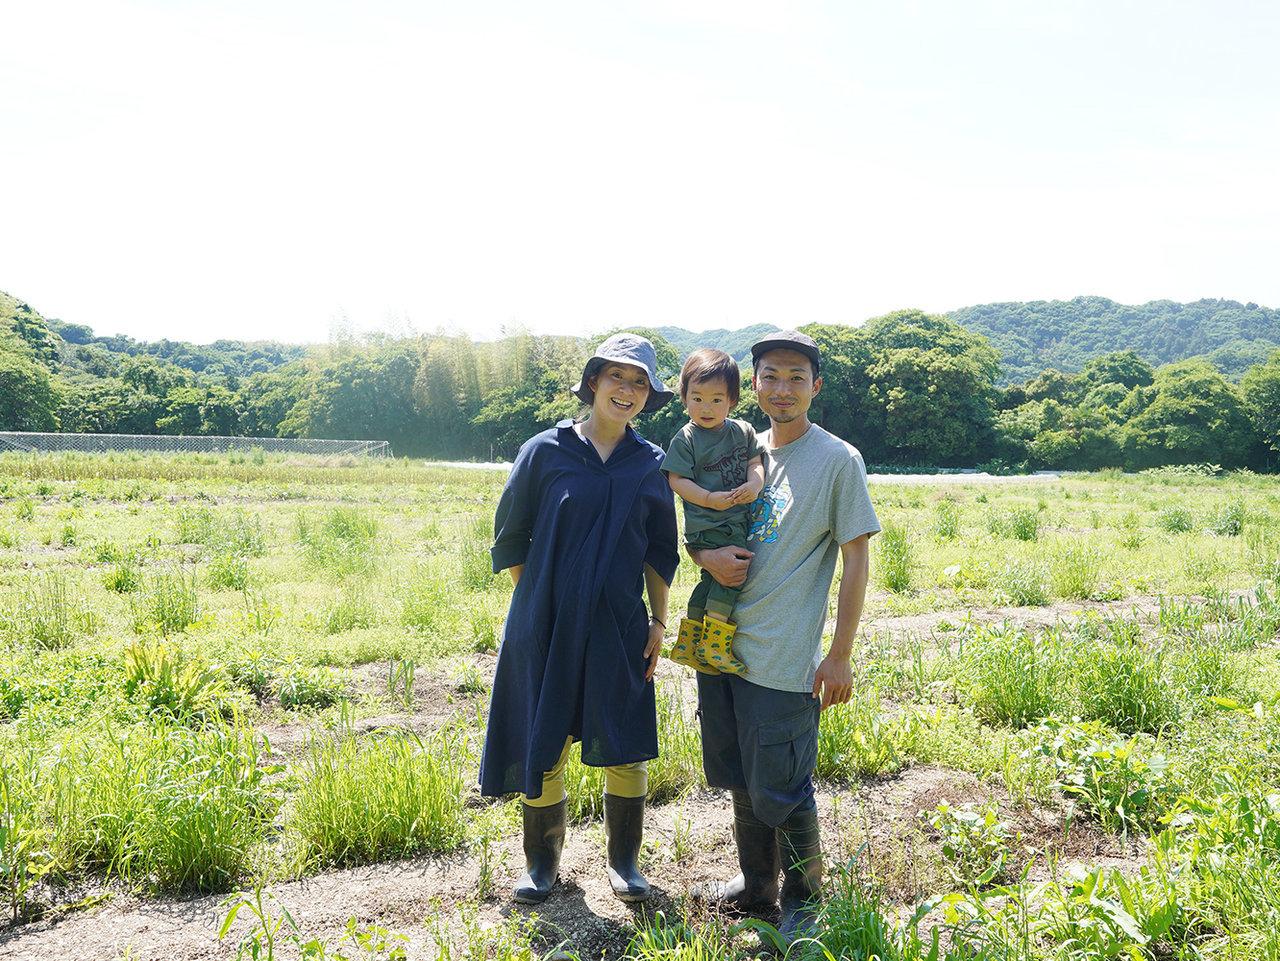 """畑時間から""""食べる""""をたのしく。体験型農園「とるたべる」がつくる、人と農のいい関係"""